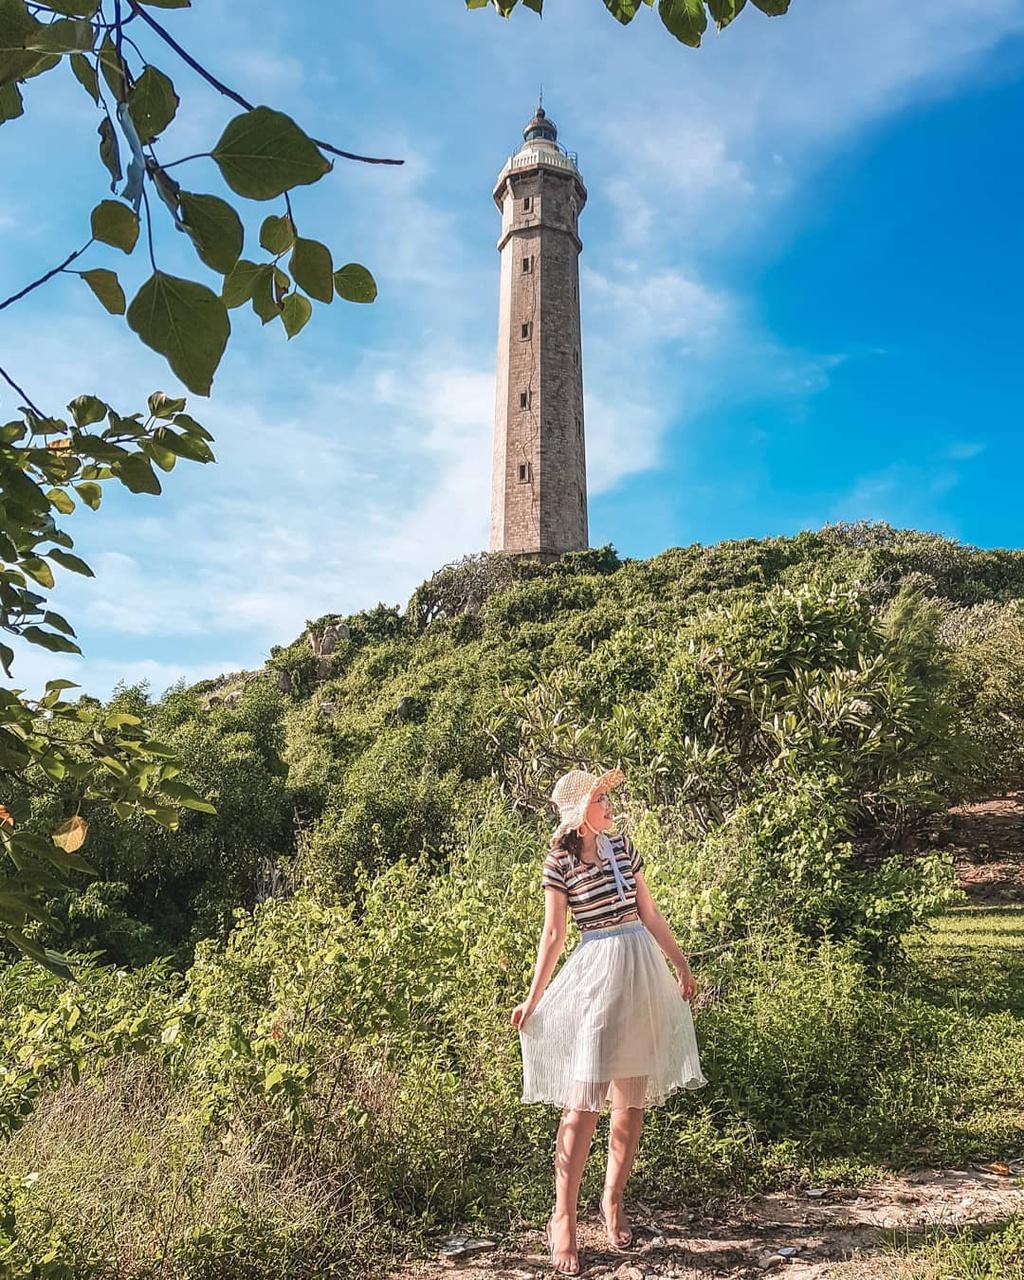 Được xây dựng bằng đá, hải đăng Kê Gà thuộc huyện Hàm Thuận Nam, tỉnh Bình Thuận. Tháp đèn có hình bát giác, cao 66 m so với mực nước biển, bên trong có 182 bậc thang sắt để dẫn du khách lên đến đỉnh. Nơi đây đã được trung tâm sách Kỷ lục Việt Nam xác nhận là ngọn hải đăng cao nhất và cổ xưa nhất ở nước ta. Ảnh: Hono.taki.2909, sapblogger.